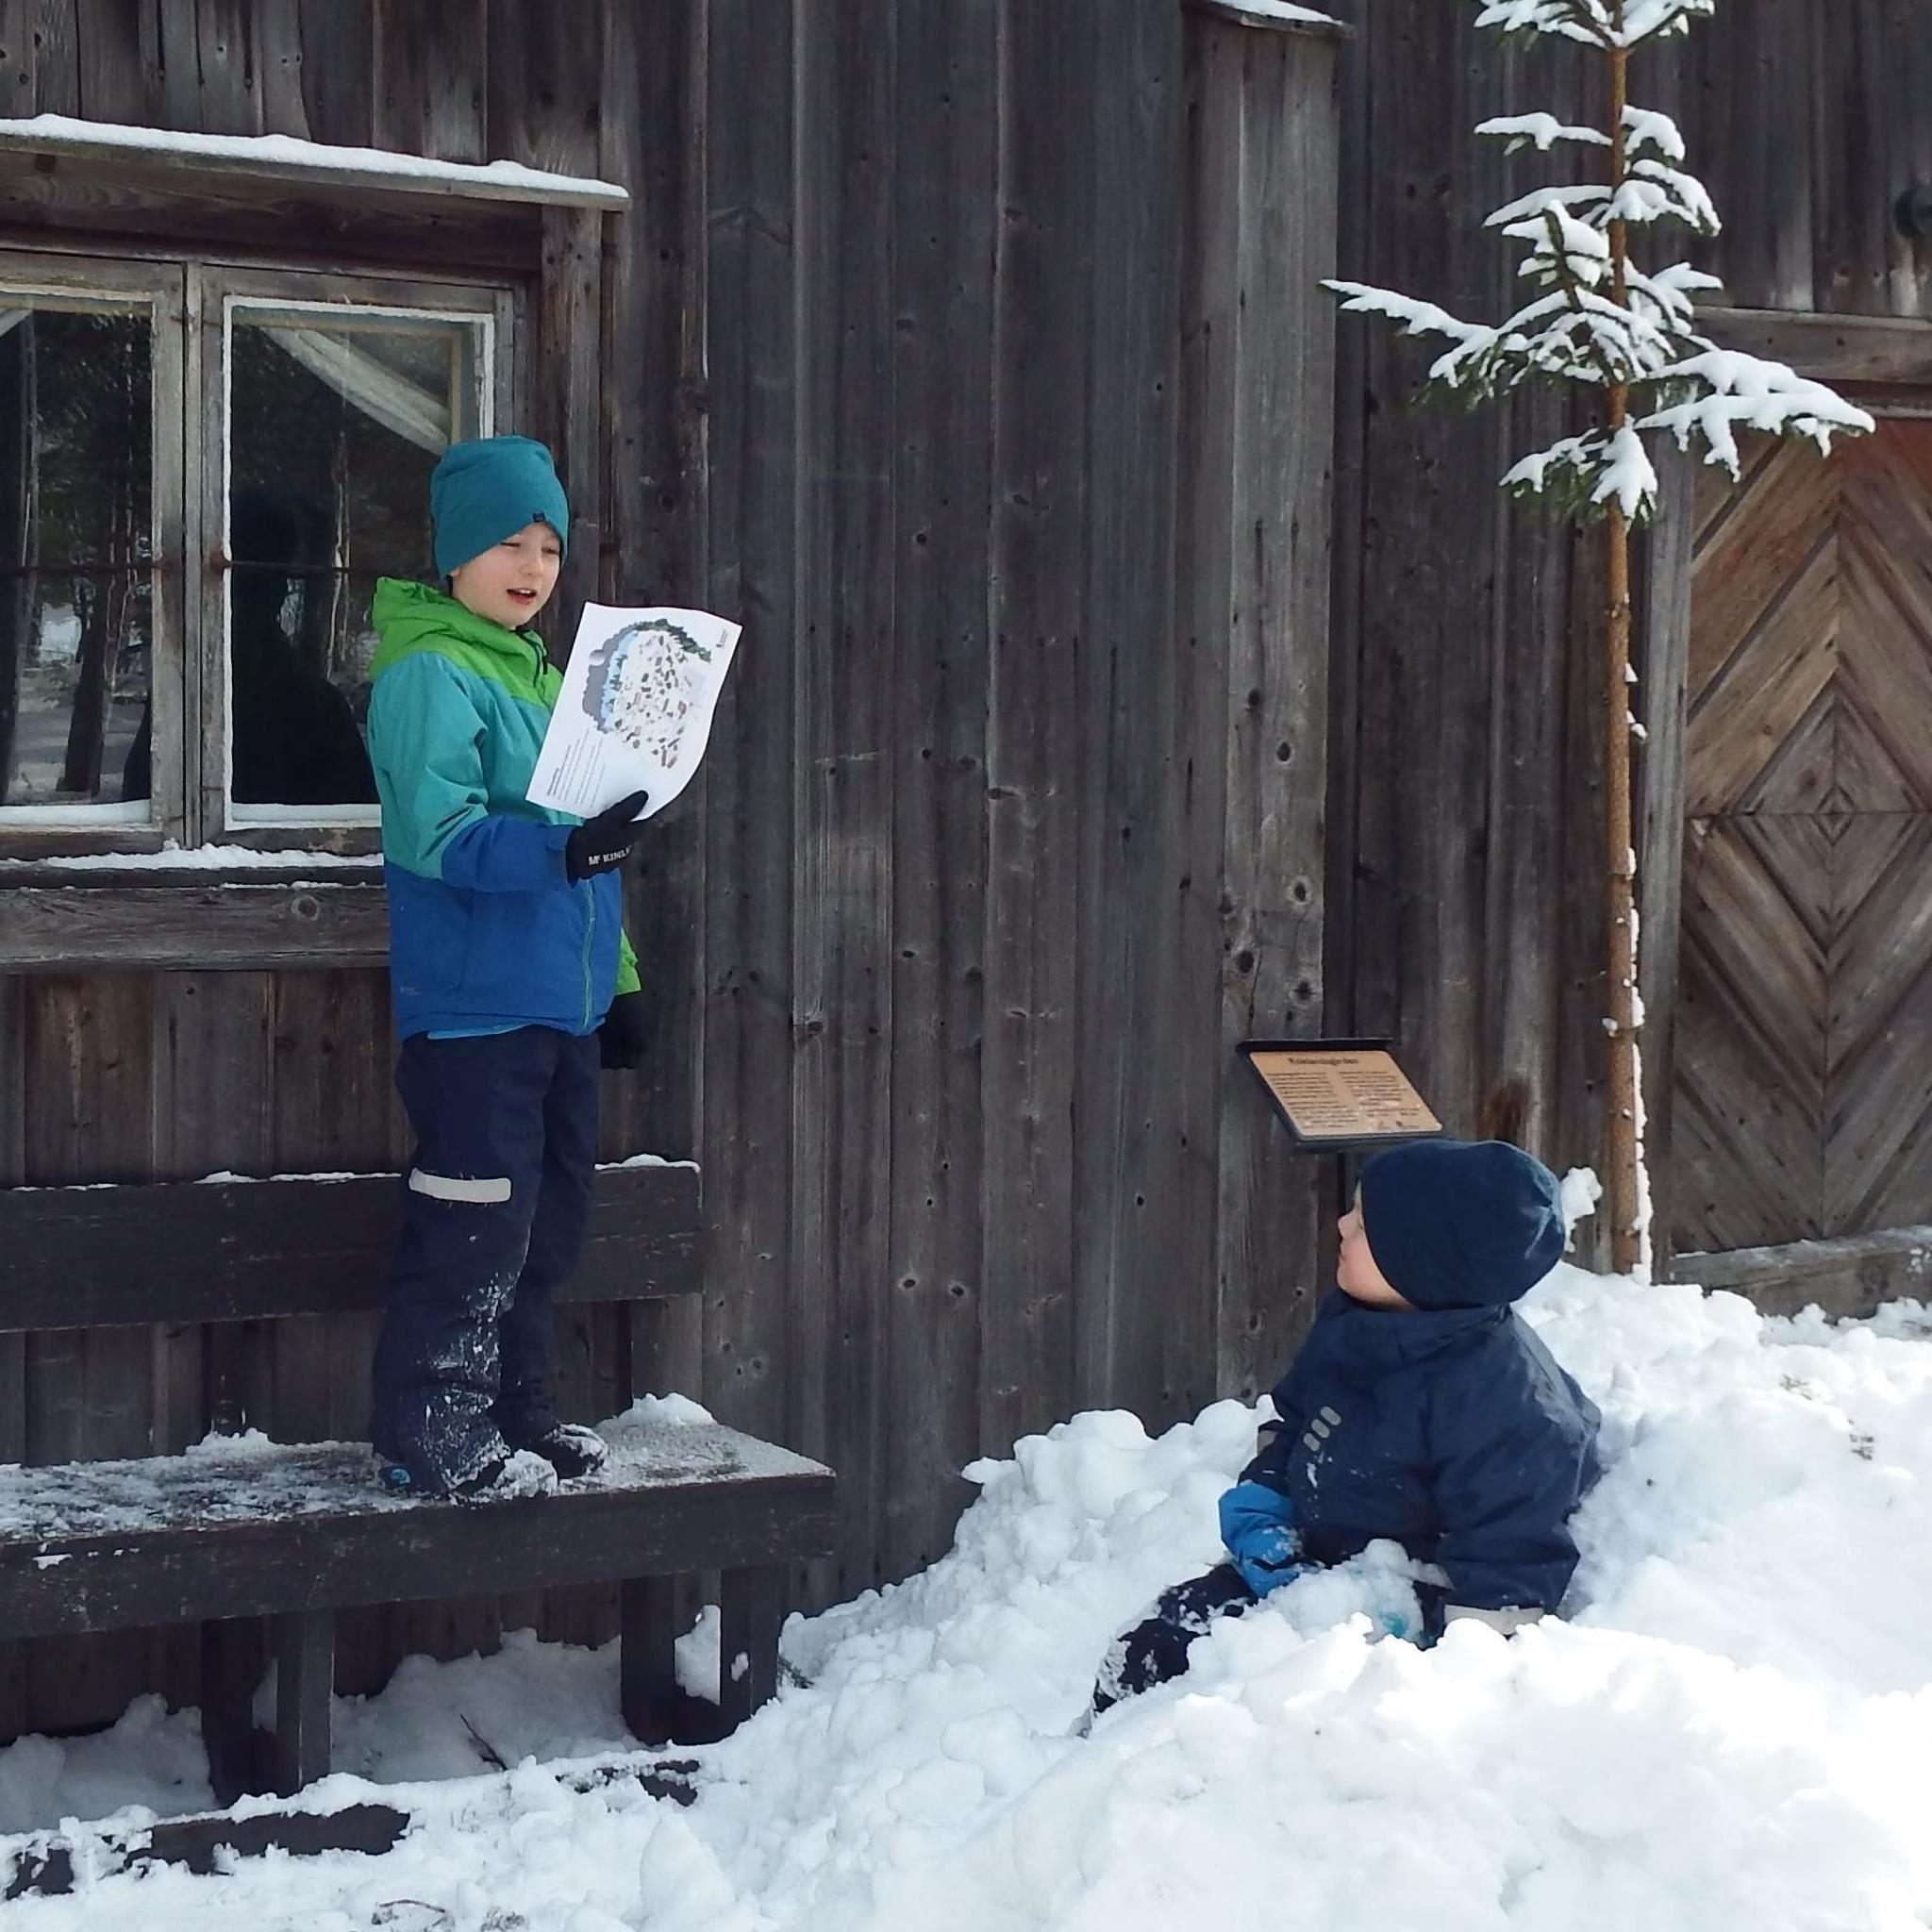 Vintervandring på Norra Berget